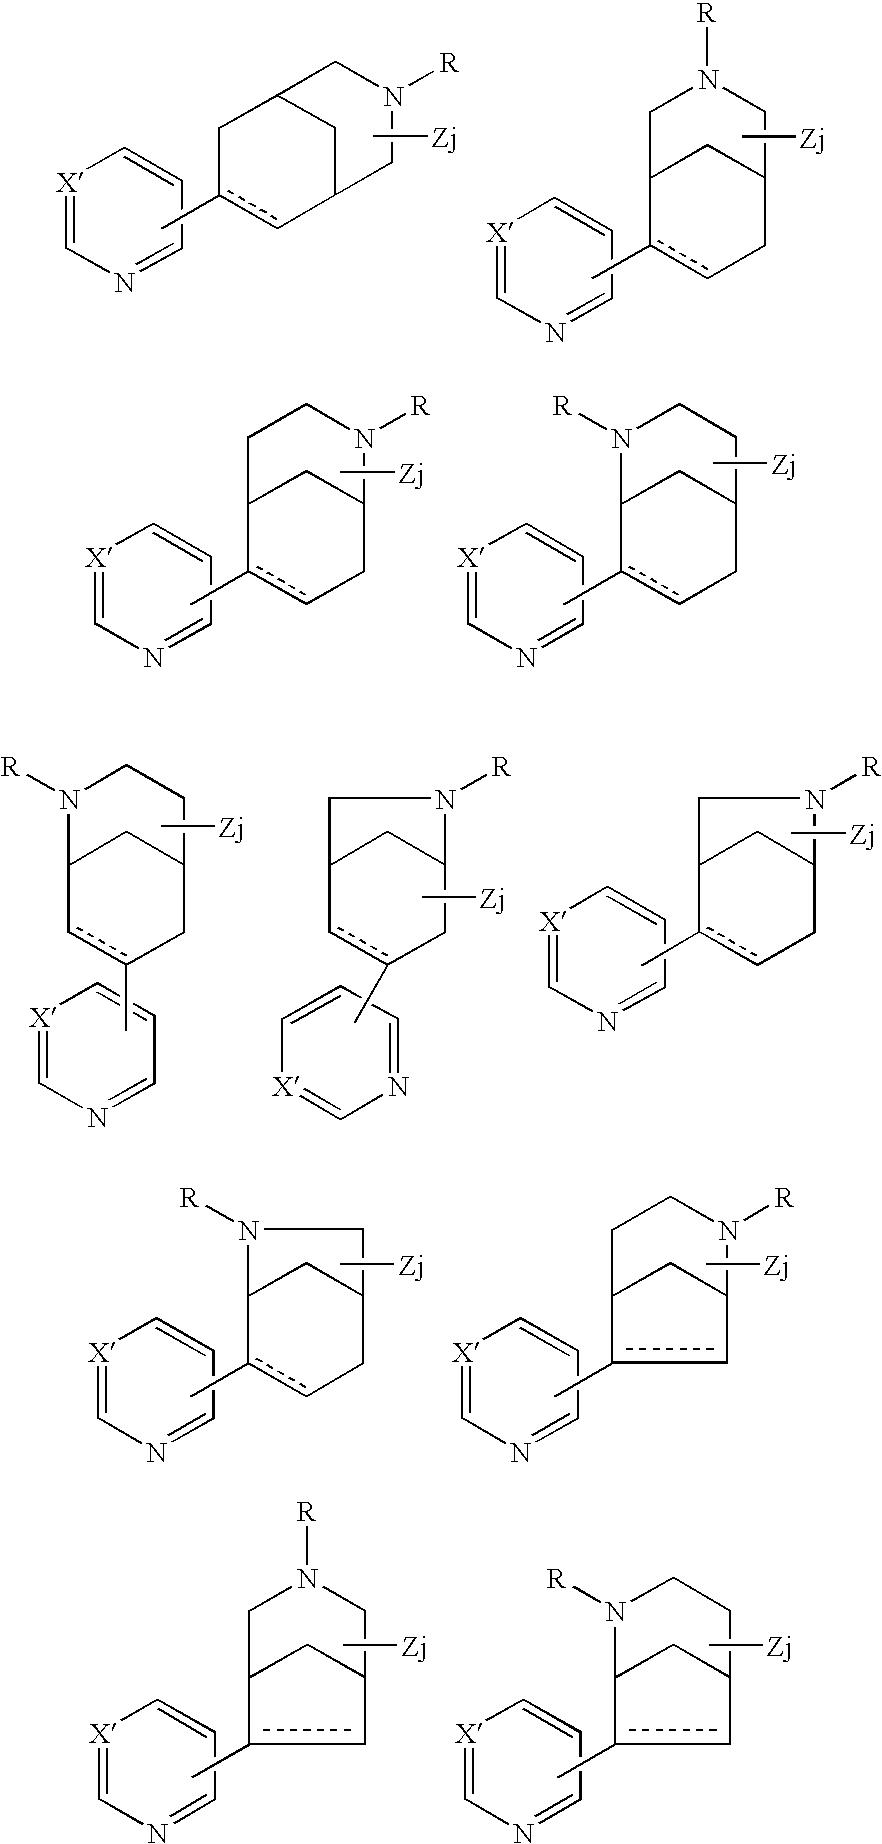 Figure US20080242693A1-20081002-C00004